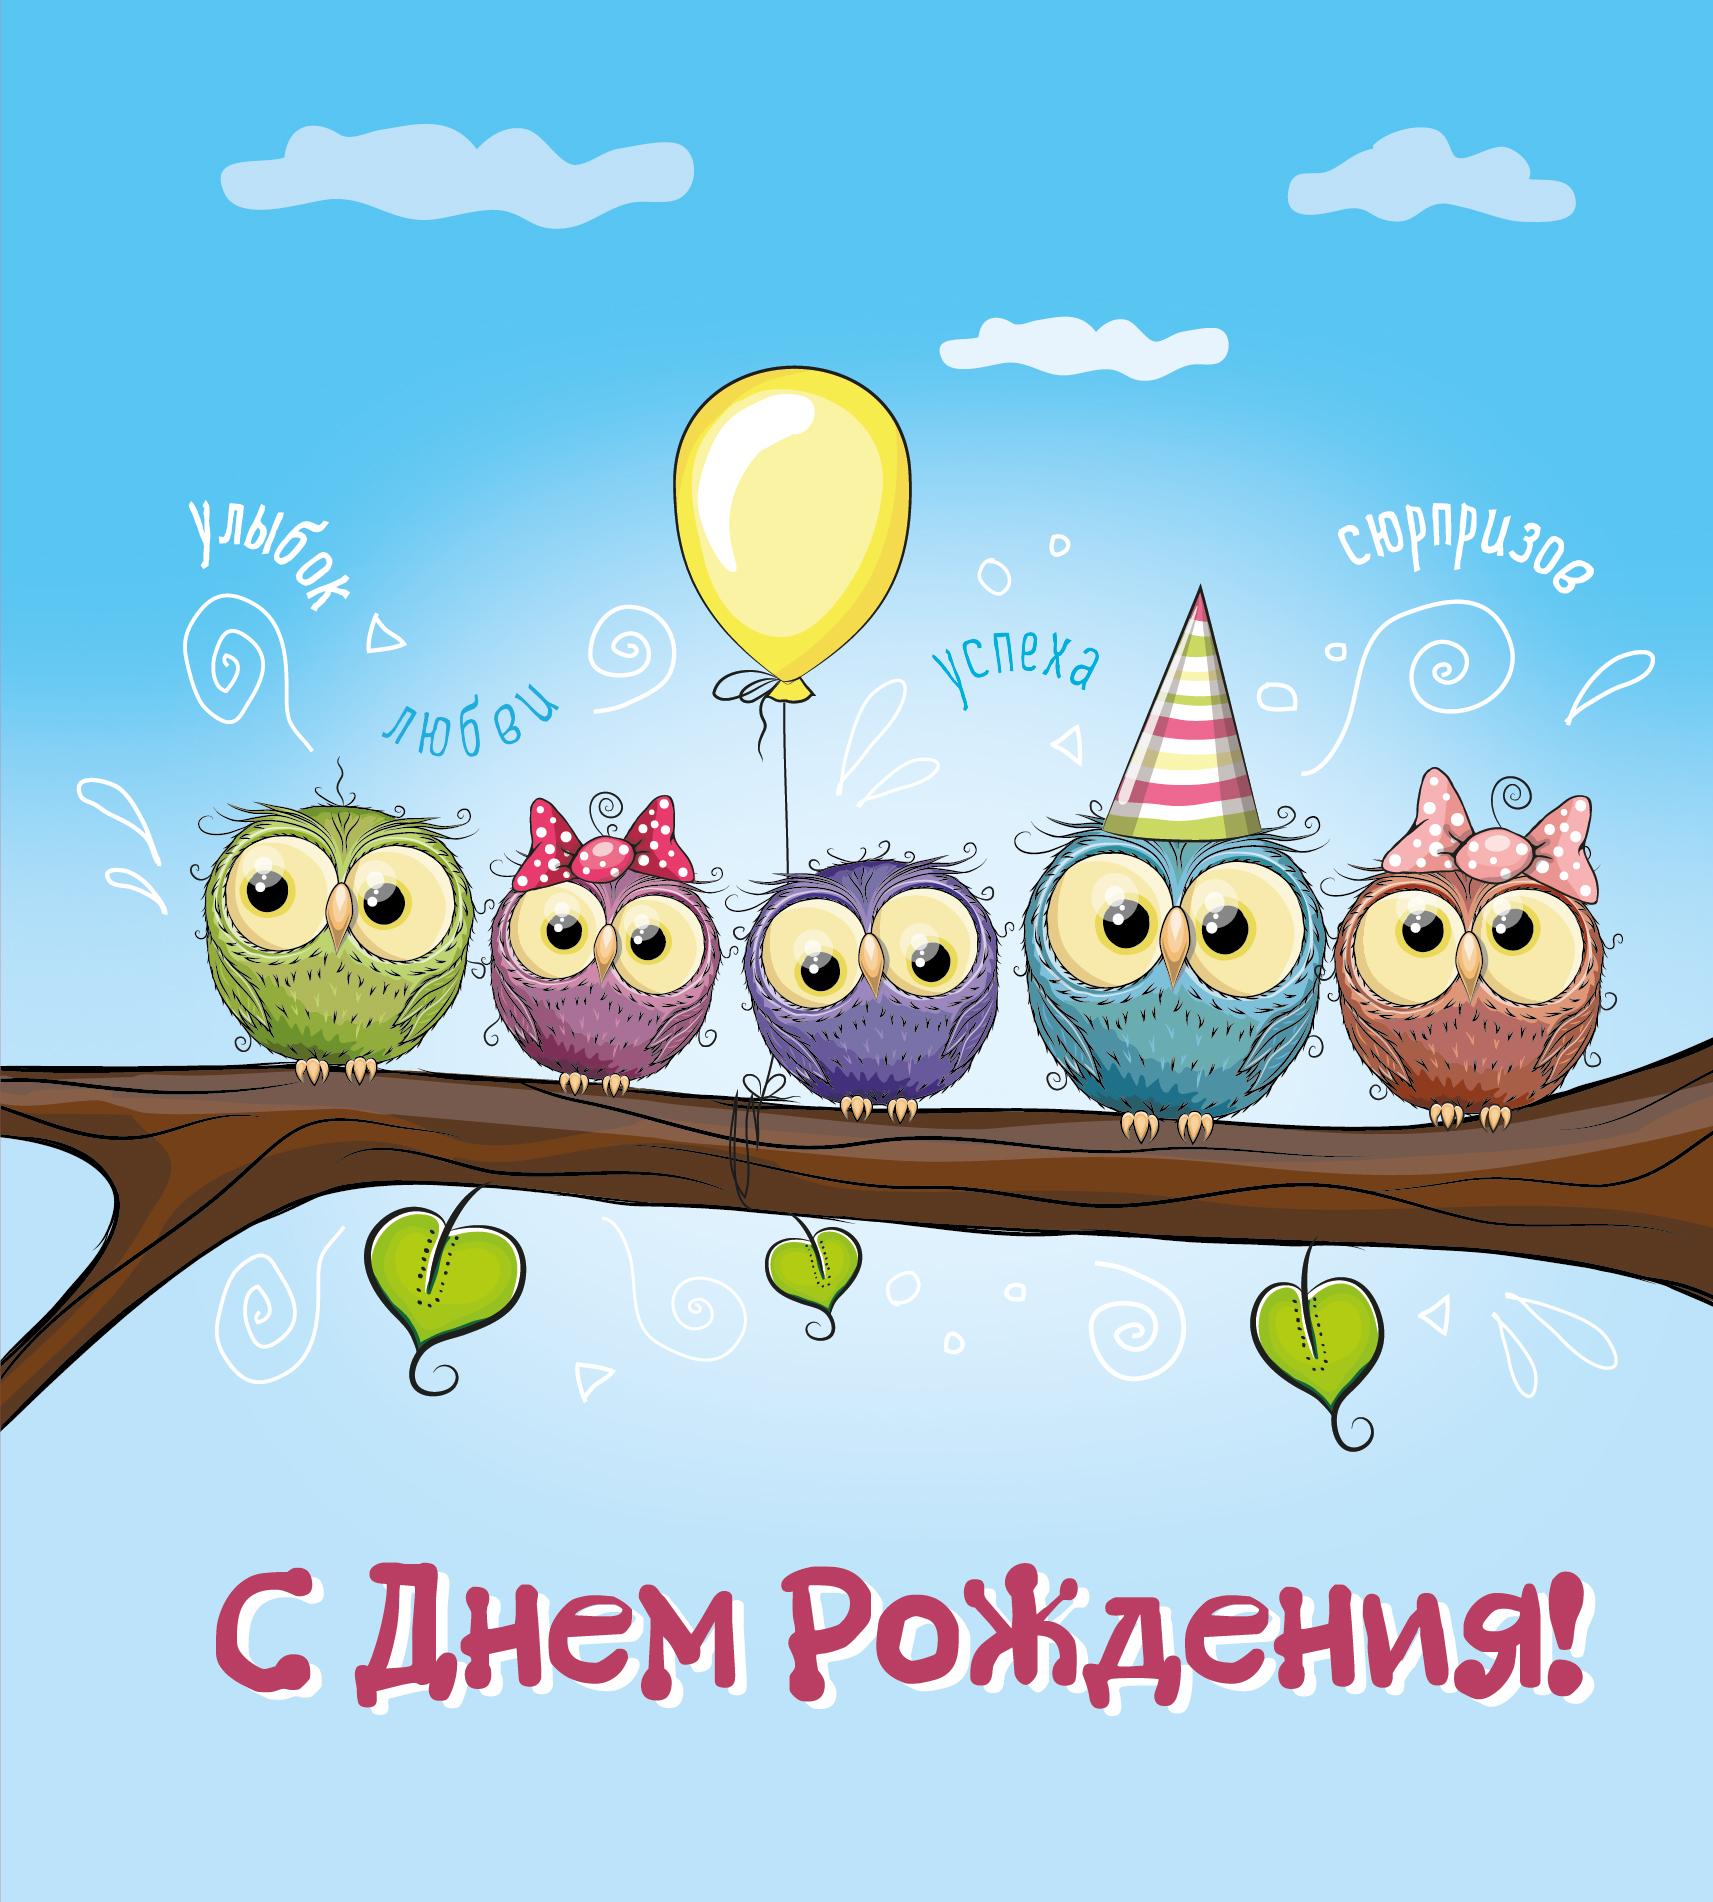 Стильное поздравление с днем рождения в картинках